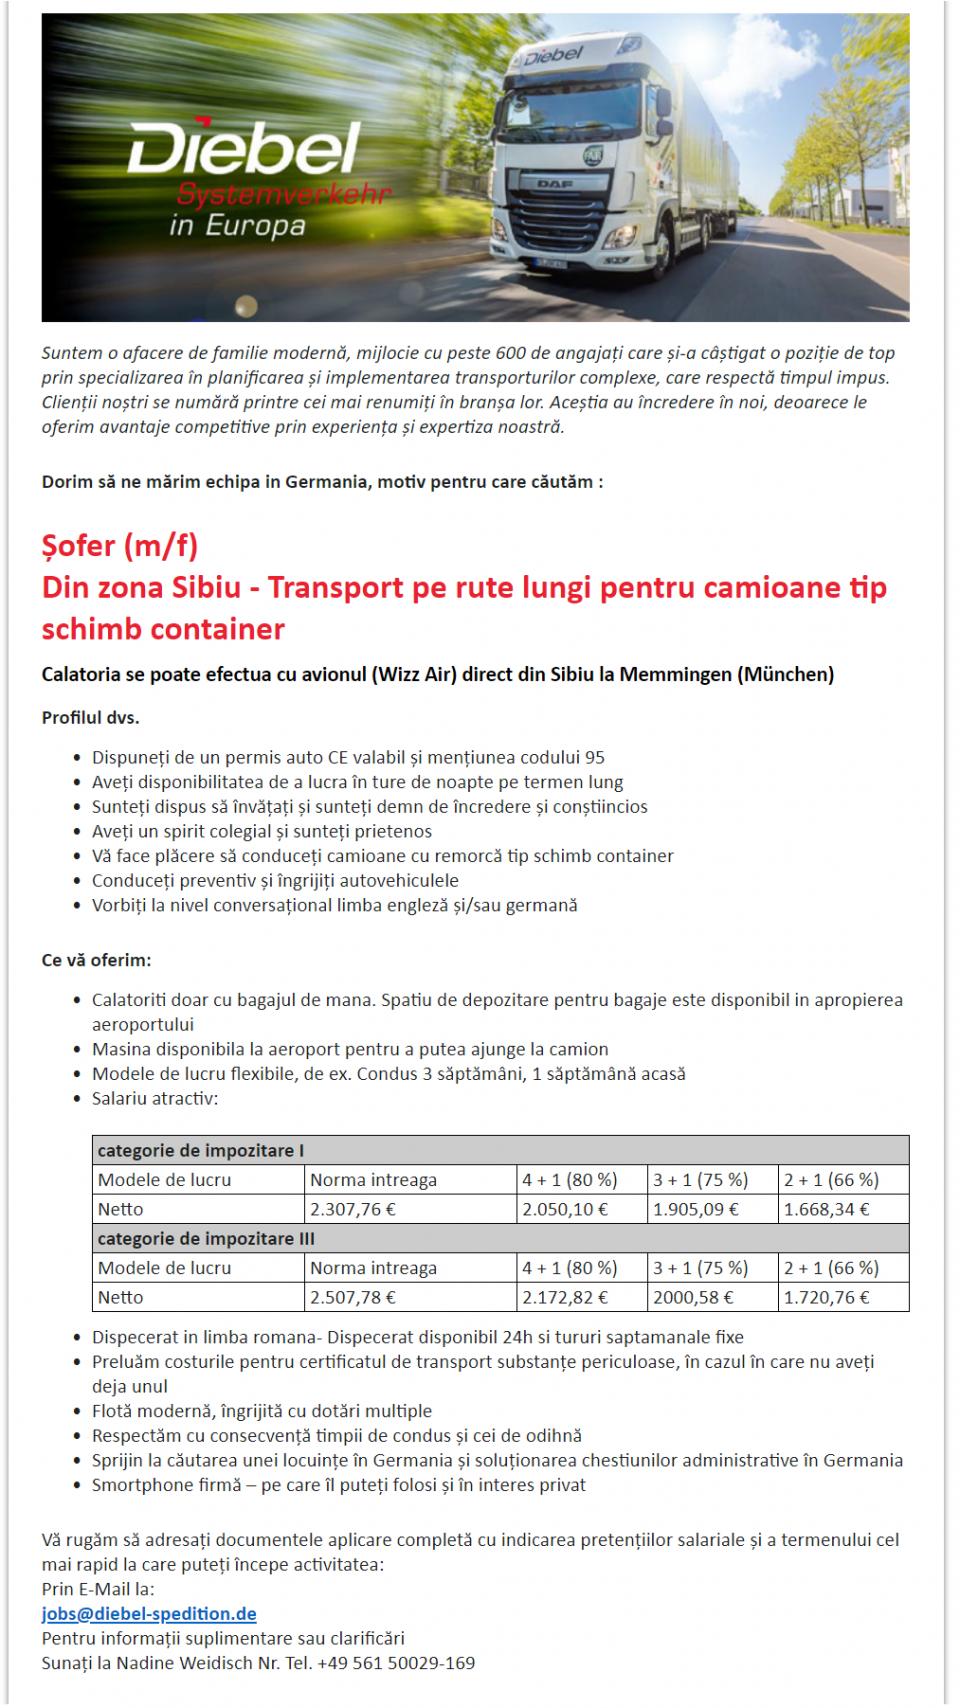 Șofer (m/f) Din zona Sibiu - Transport pe rute lungi pentru camioane tip schimb container Calatoria se poate efectua cu avionul (Wizz Air) direct din Sibiu la Memmingen (München)  Profilul dvs.  Dispuneți de un permis auto CE valabil și mențiunea codului 95 Aveți disponibilitatea de a lucra în ture de noapte pe termen lung Sunteți dispus să învățați și sunteți demn de încredere și conștiincios Aveți un spirit colegial și sunteți prietenos Vă face plăcere să conduceți camioane cu remorcă tip schimb container Conduceți preventiv și îngrijiți autovehiculele Vorbiți la nivel conversațional limba engleză și/sau germană  Ce vă oferim:  Calatoriti doar cu bagajul de mana. Spatiu de depozitare pentru bagaje este disponibil in apropierea aeroportului Masina disponibila la aeroport pentru a putea ajunge la camion Modele de lucru flexibile, de ex. Condus 3 săptămâni, 1 săptămână acasă Salariu atractiv:    categorie de impozitare I Modele de lucru Norma intreaga 4 + 1 (80 %) 3 + 1 (75 %) 2 + 1 (66 %) Netto 2.307,76 € 2.050,10 € 1.905,09 € 1.668,34 € categorie de impozitare III Modele de lucru Norma intreaga 4 + 1 (80 %) 3 + 1 (75 %) 2 + 1 (66 %) Netto 2.507,78 € 2.172,82 € 2000,58 € 1.720,76 €   Dispecerat in limba romana- Dispecerat disponibil 24h si tururi saptamanale fixe Preluăm costurile pentru certificatul de transport substanțe periculoase, în cazul în care nu aveți deja unul Flotă modernă, îngrijită cu dotări multiple Respectăm cu consecvență timpii de condus și cei de odihnă Sprijin la căutarea unei locuințe în Germania și soluționarea chestiunilor administrative în Germania Smortphone firmă – pe care îl puteți folosi și în interes privat  Vă rugăm să adresați documentele aplicare completă cu indicarea pretențiilor salariale și a termenului cel mai rapid la care puteți începe activitatea: Prin E-Mail la: jobs@diebel-spedition.de Pentru informații suplimentare sau clarificări Sunați la Nadine Weidisch Nr. Tel. +49 561 50029-169